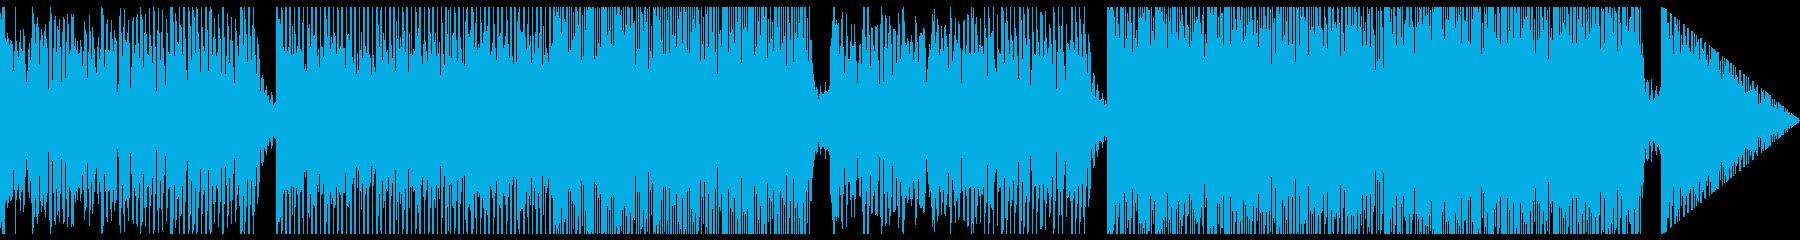 おしゃれなストリングスハウスの再生済みの波形